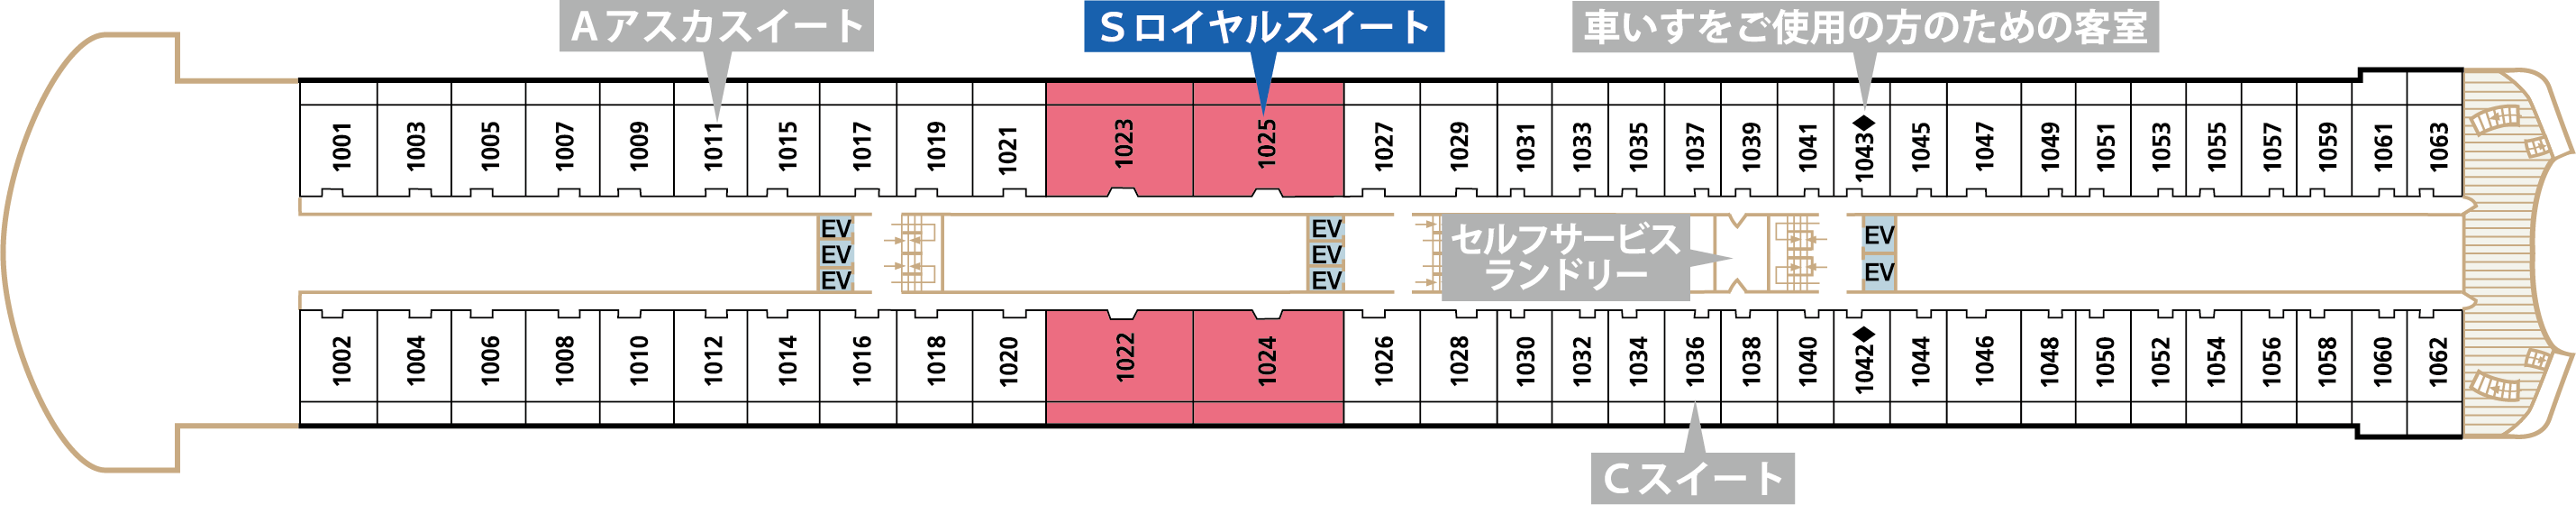 Deck10 アスカデッキ Sロイヤルスイート